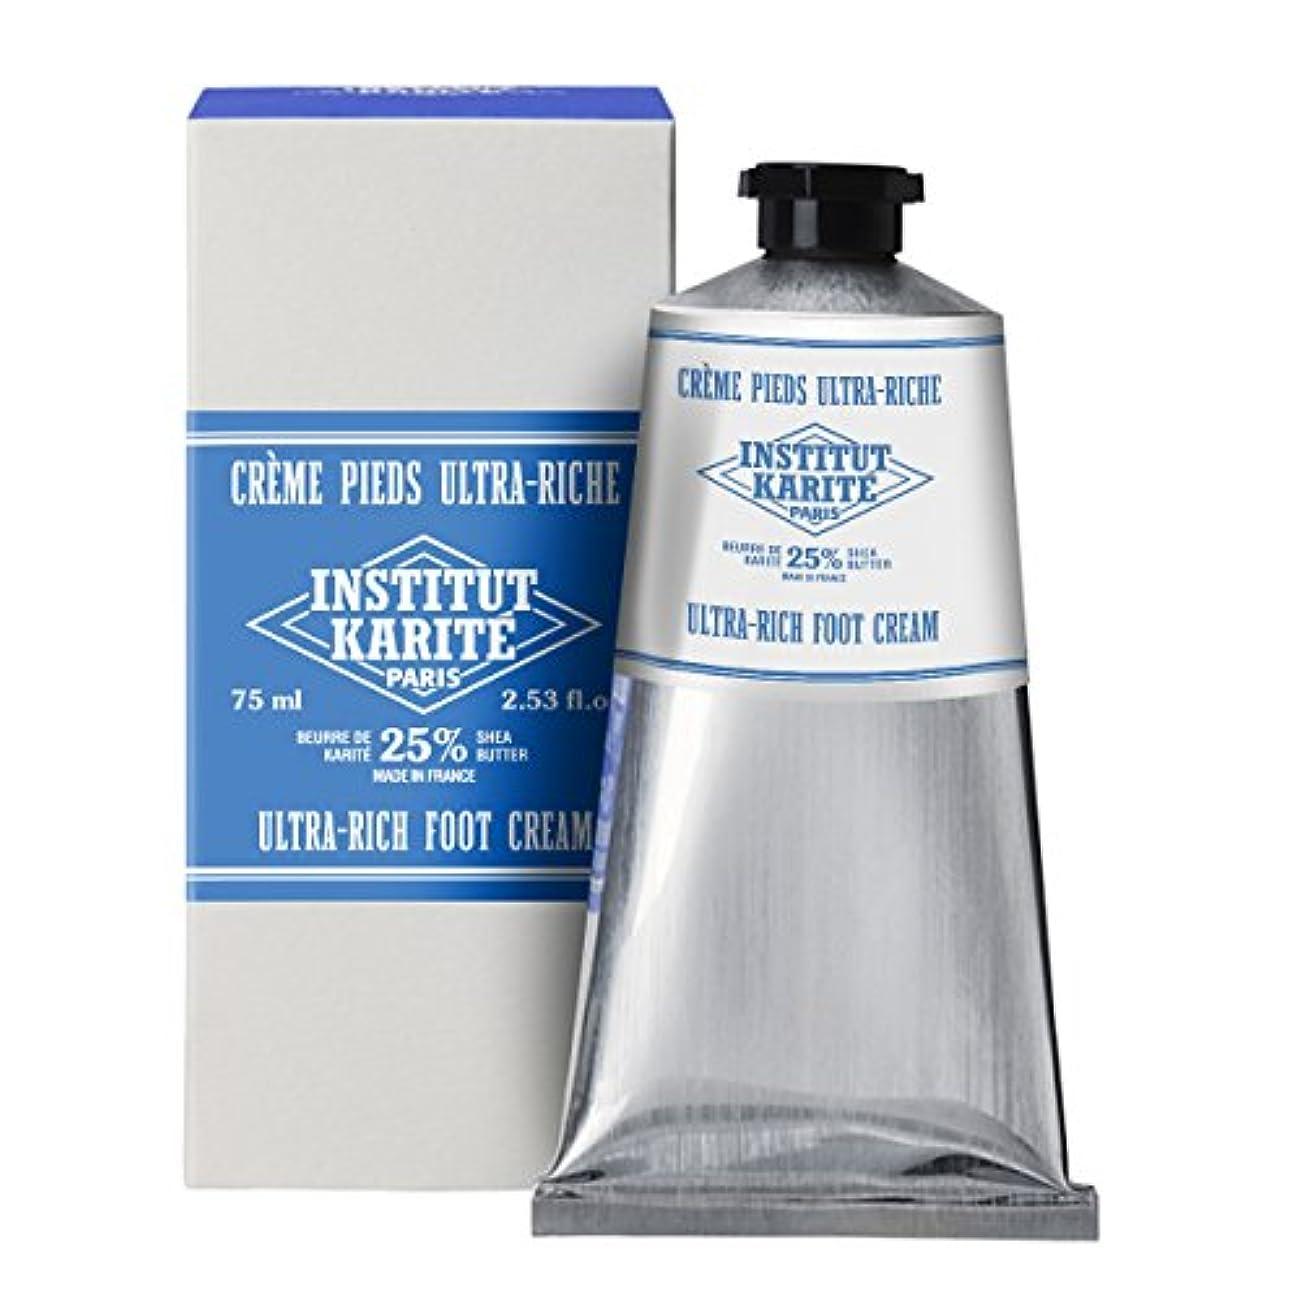 ヘッジモザイク石膏INSTITUT KARITE 25% フットクリーム 75ml ミルク クリーム Milk Cream Shea Foot Cream インスティテュート?カリテ